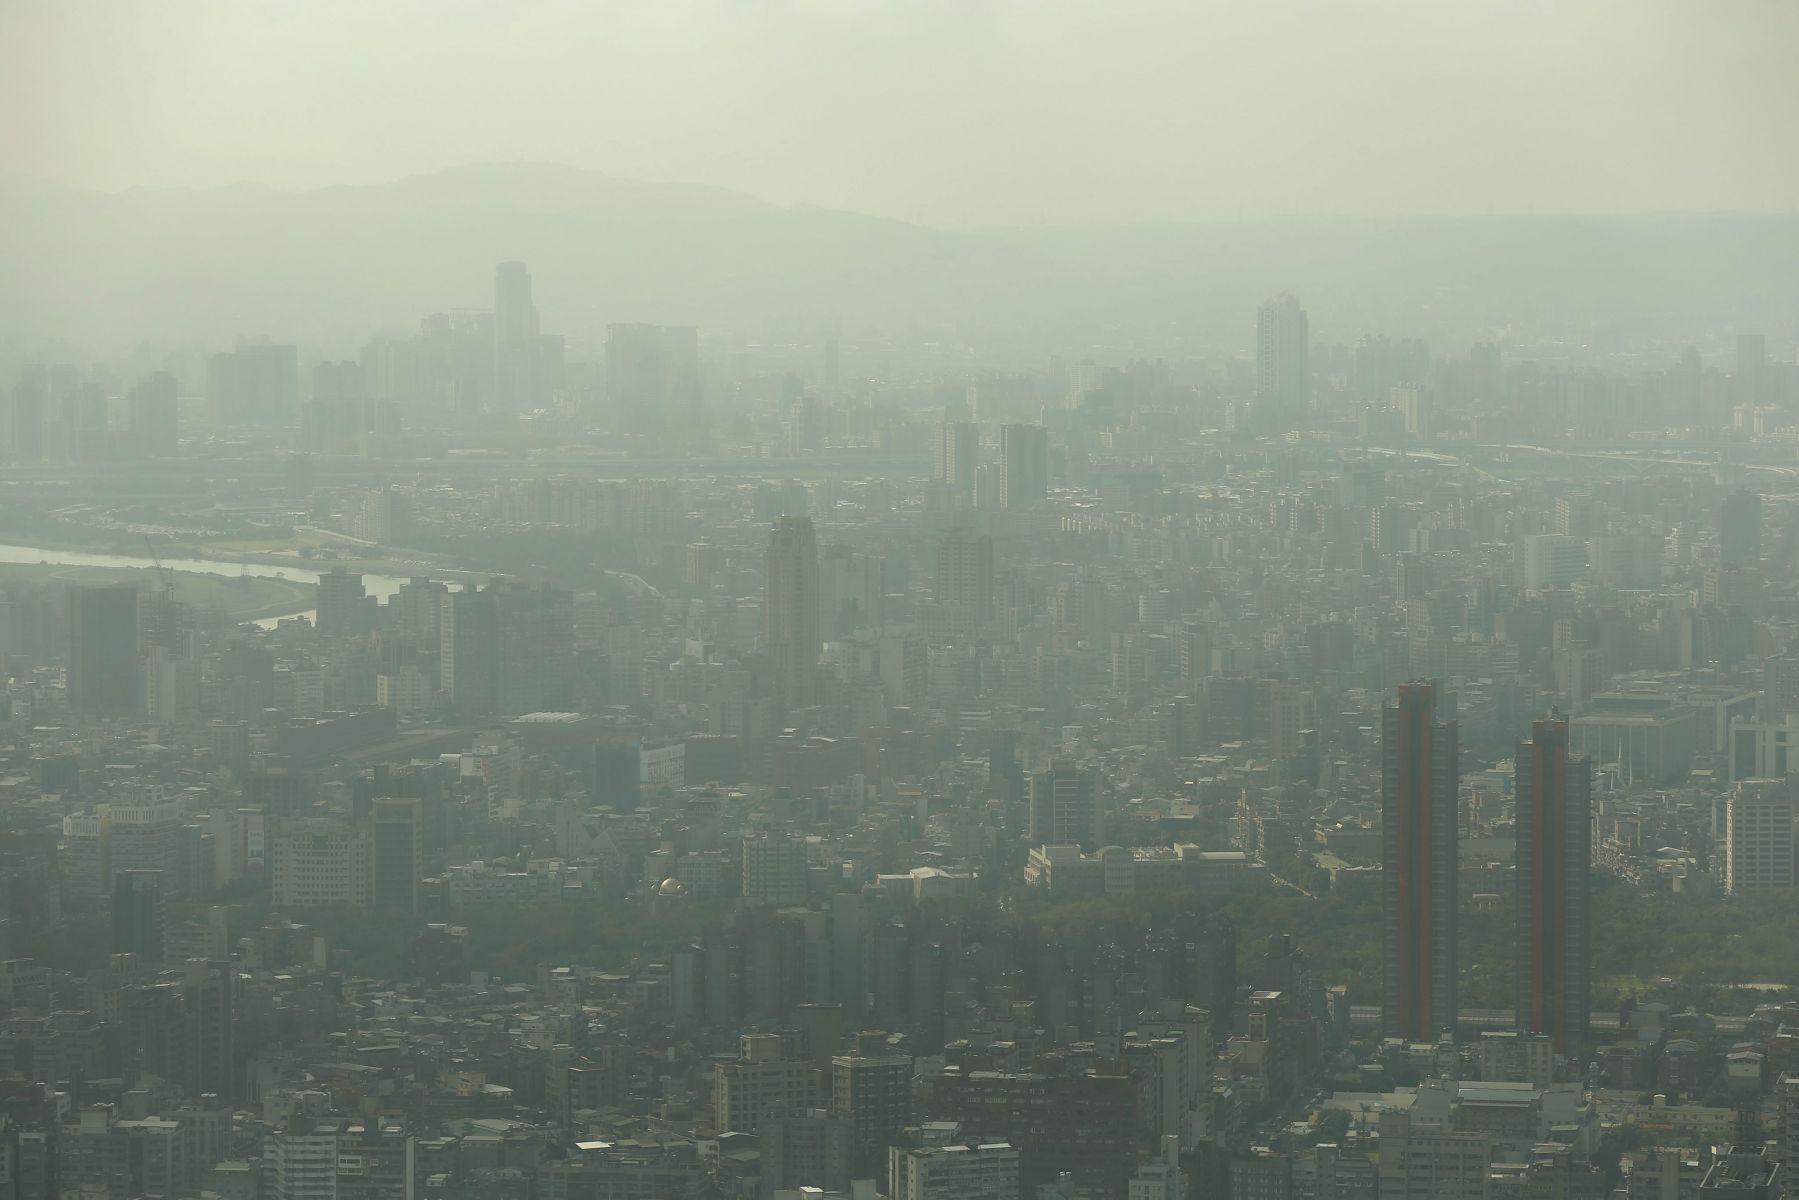 空污威脅!國人死亡危險因子「PM2.5」榮登第4名